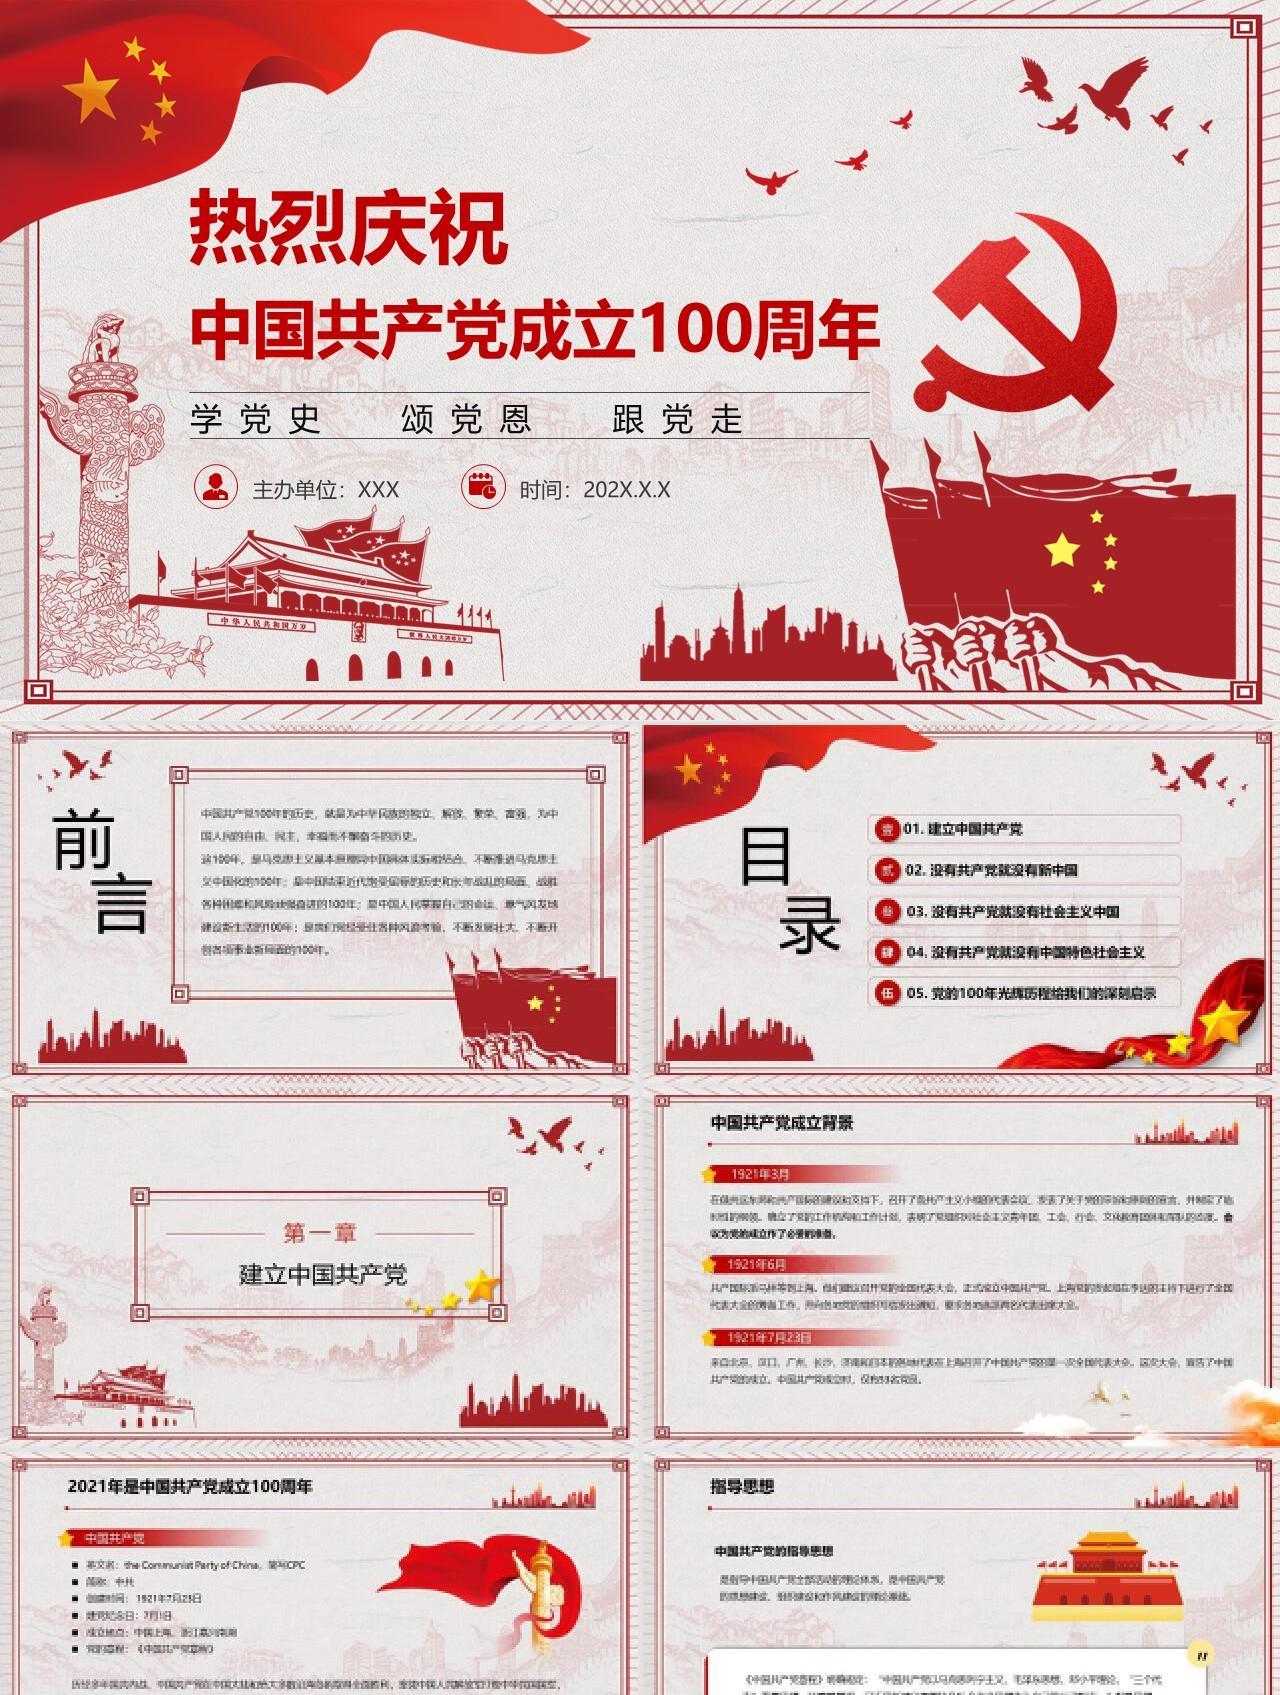 红色党政热烈庆祝建党100周年PPT模板